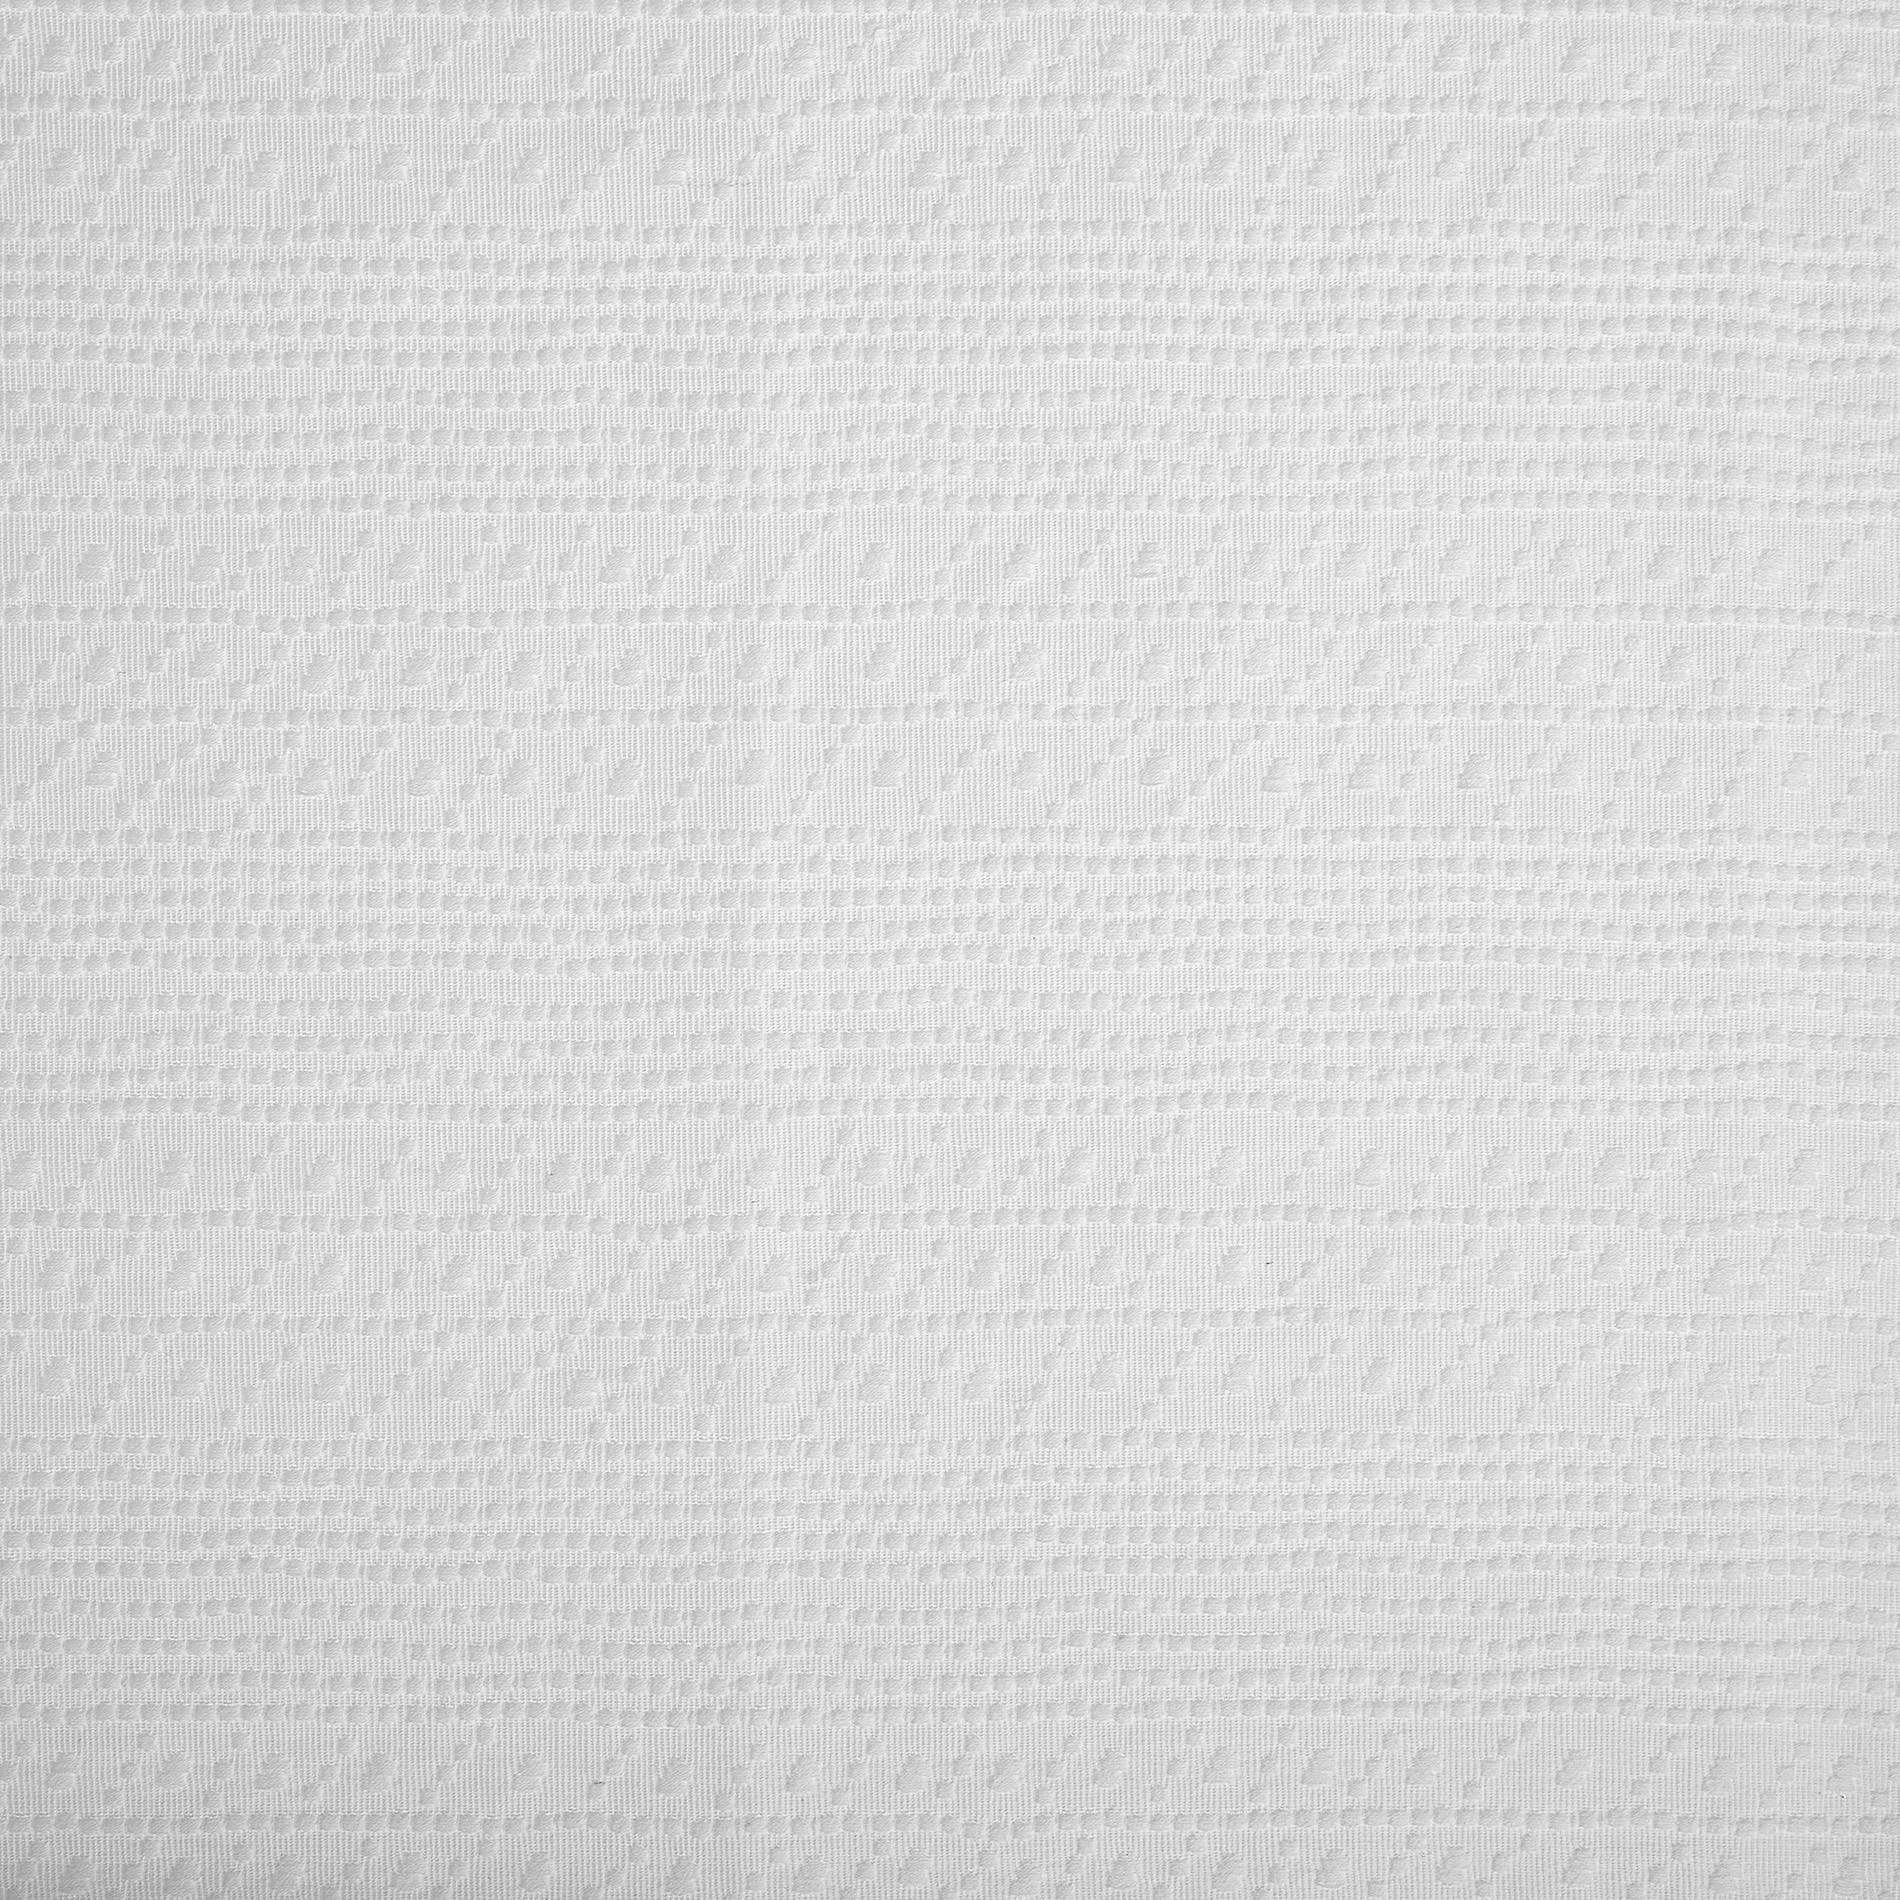 Copriletto puro cotone fantasia ornamentale, Bianco, large image number 1